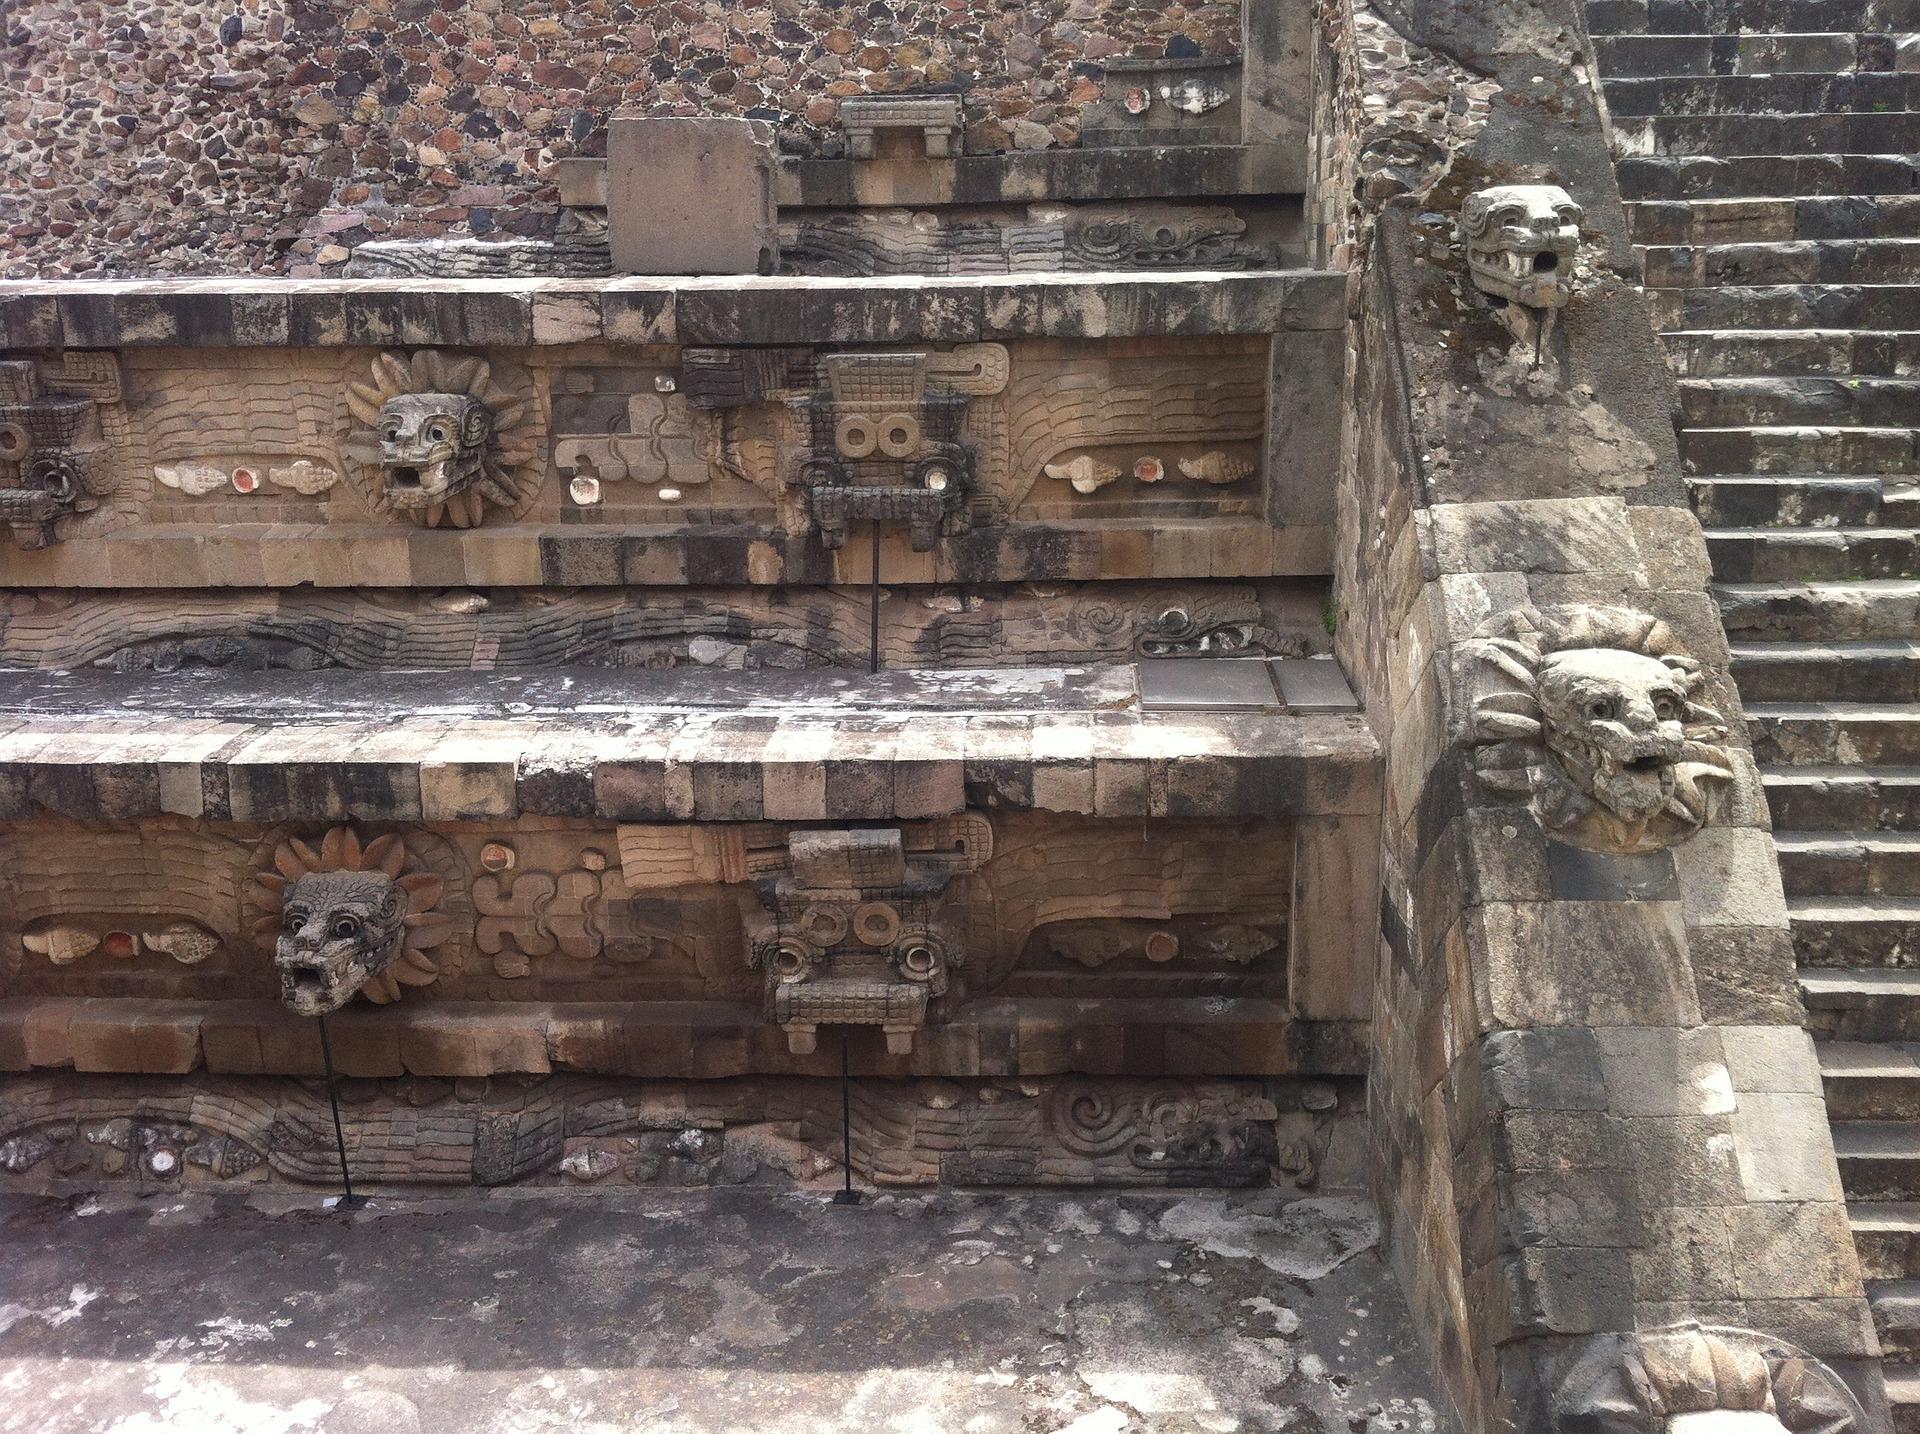 quetzalcoatl-1296224_1920.jpg